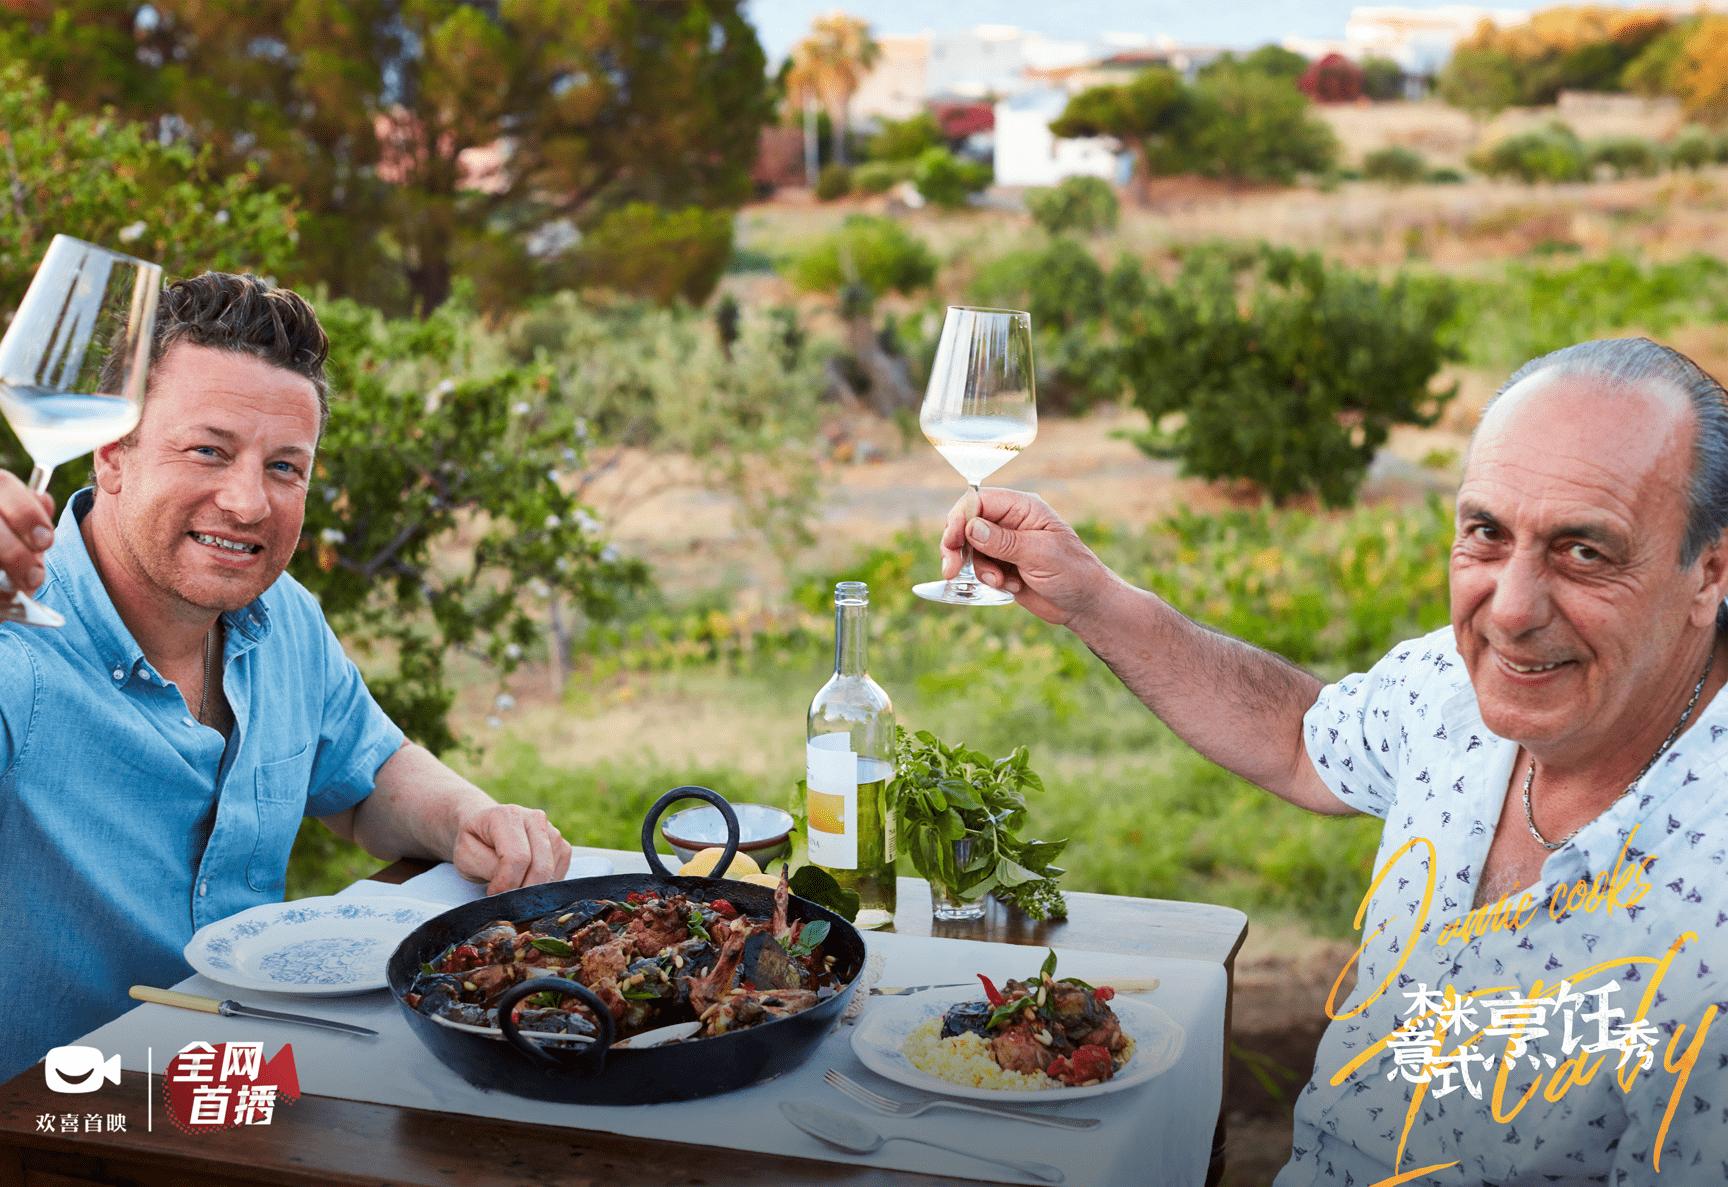 英国厨神杰米·奥利弗主持,《杰米》系列美食纪录片上线欢喜首映APP独播